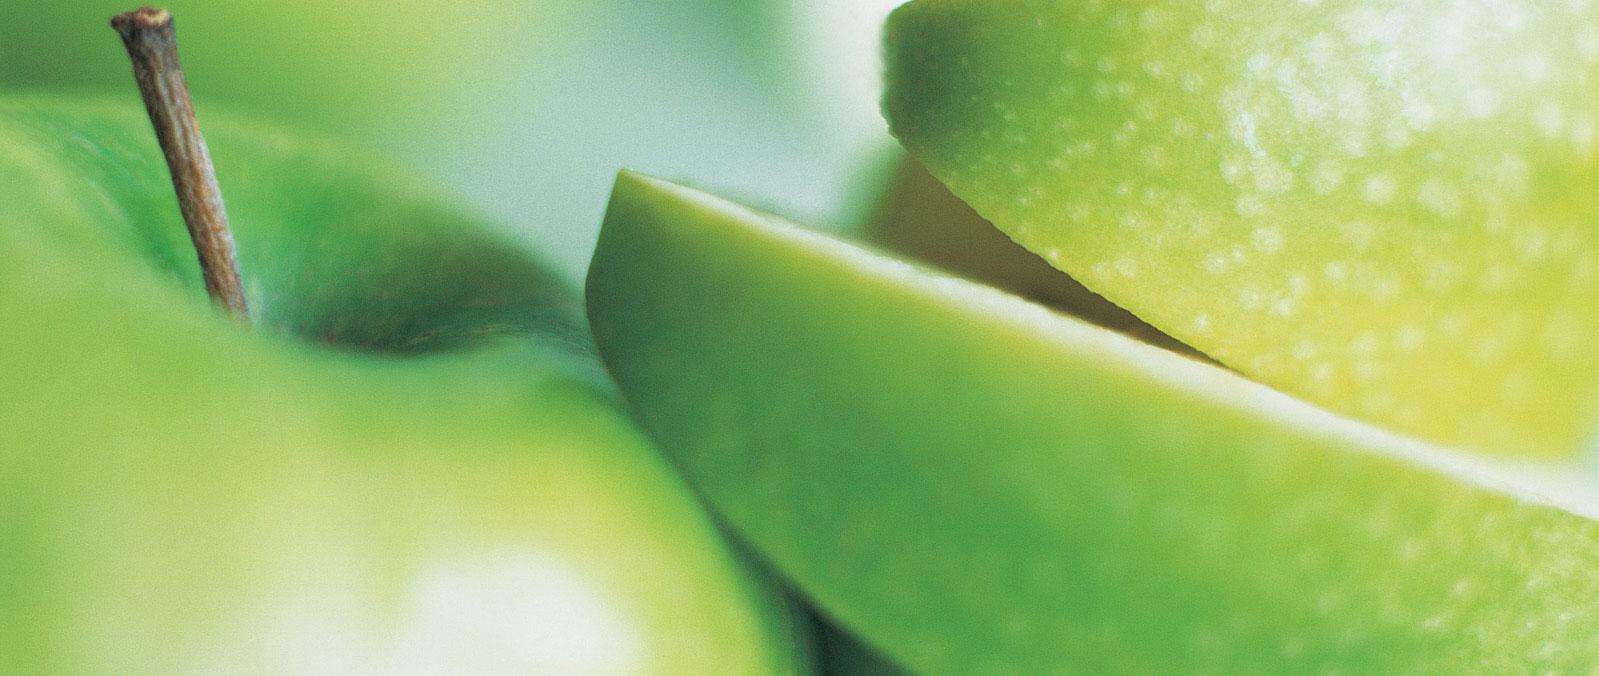 jablko-1600